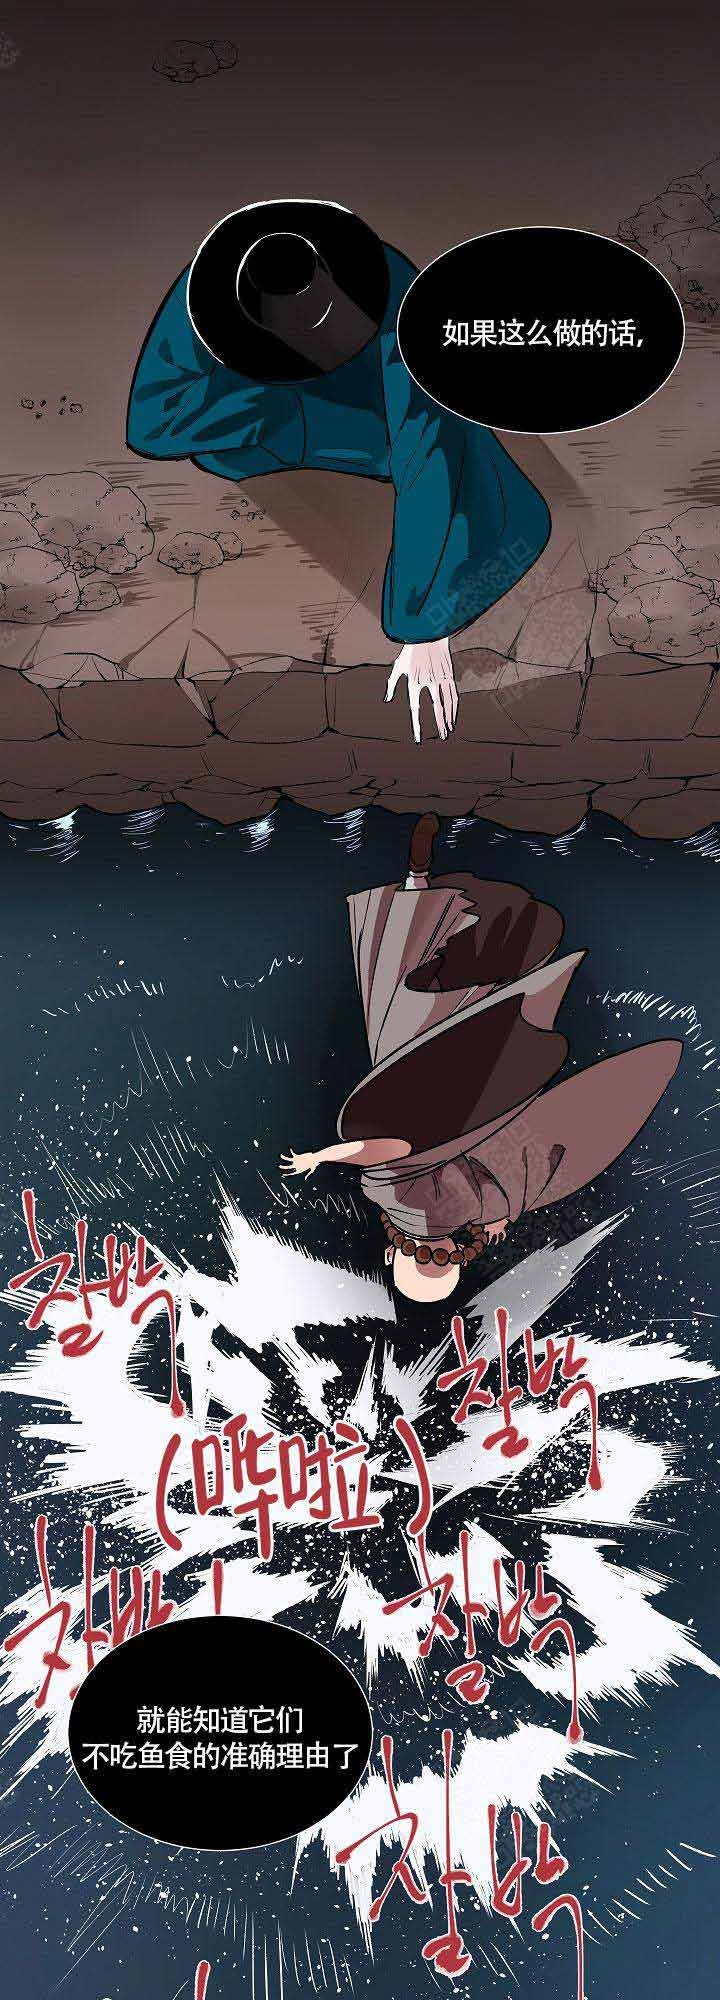 游箭-免费漫画完整版汉化_全集在线阅读-啵乐漫画